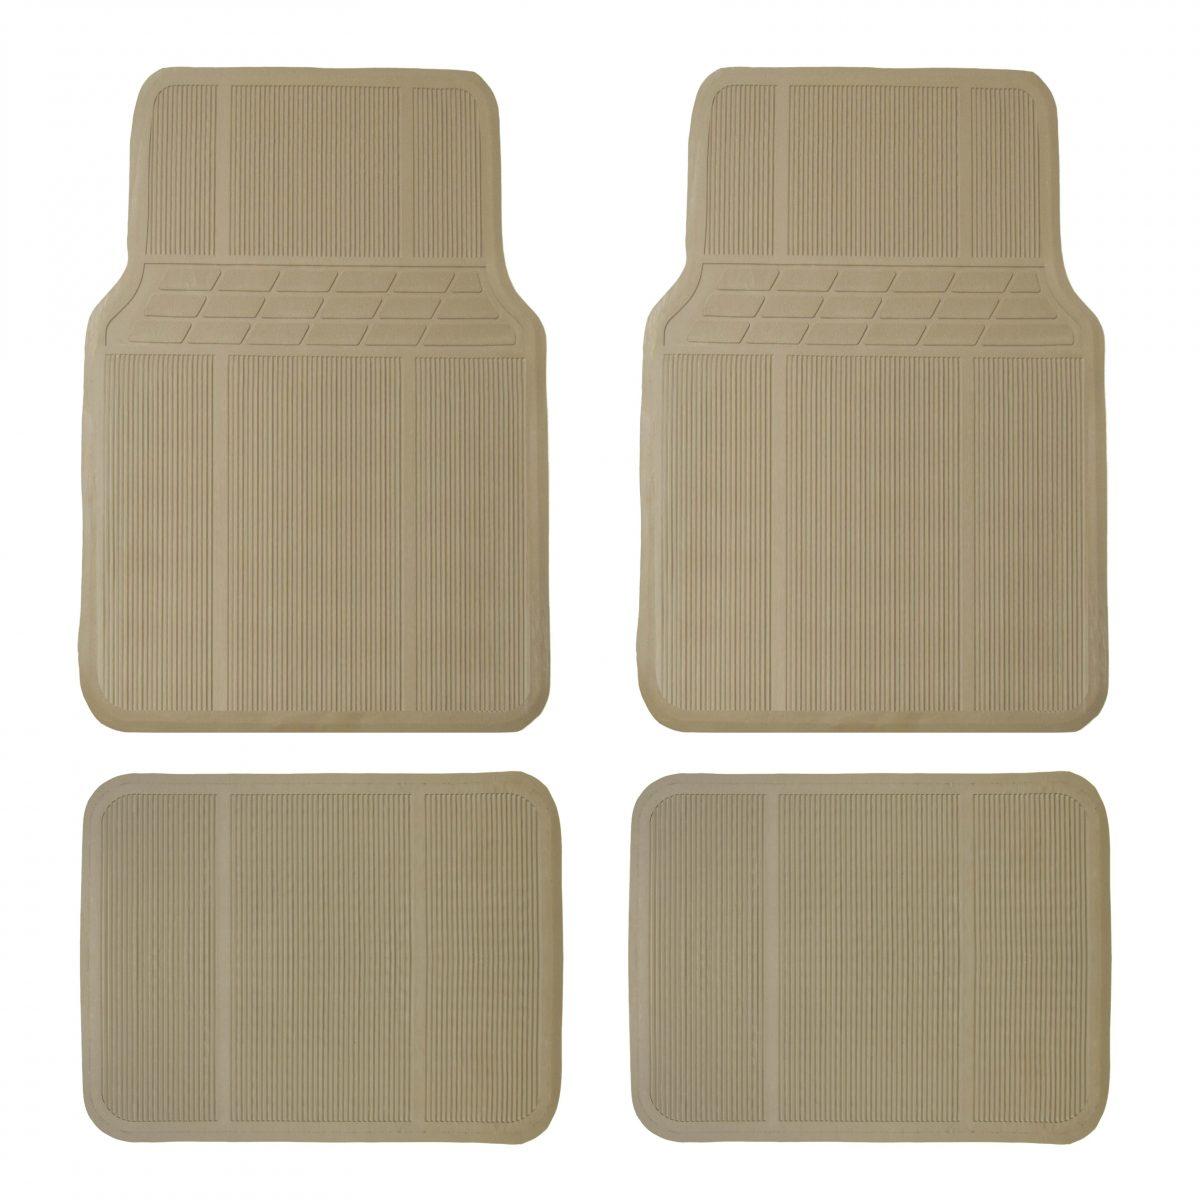 Protective Rubber Floor Mats F11303BEIGE New